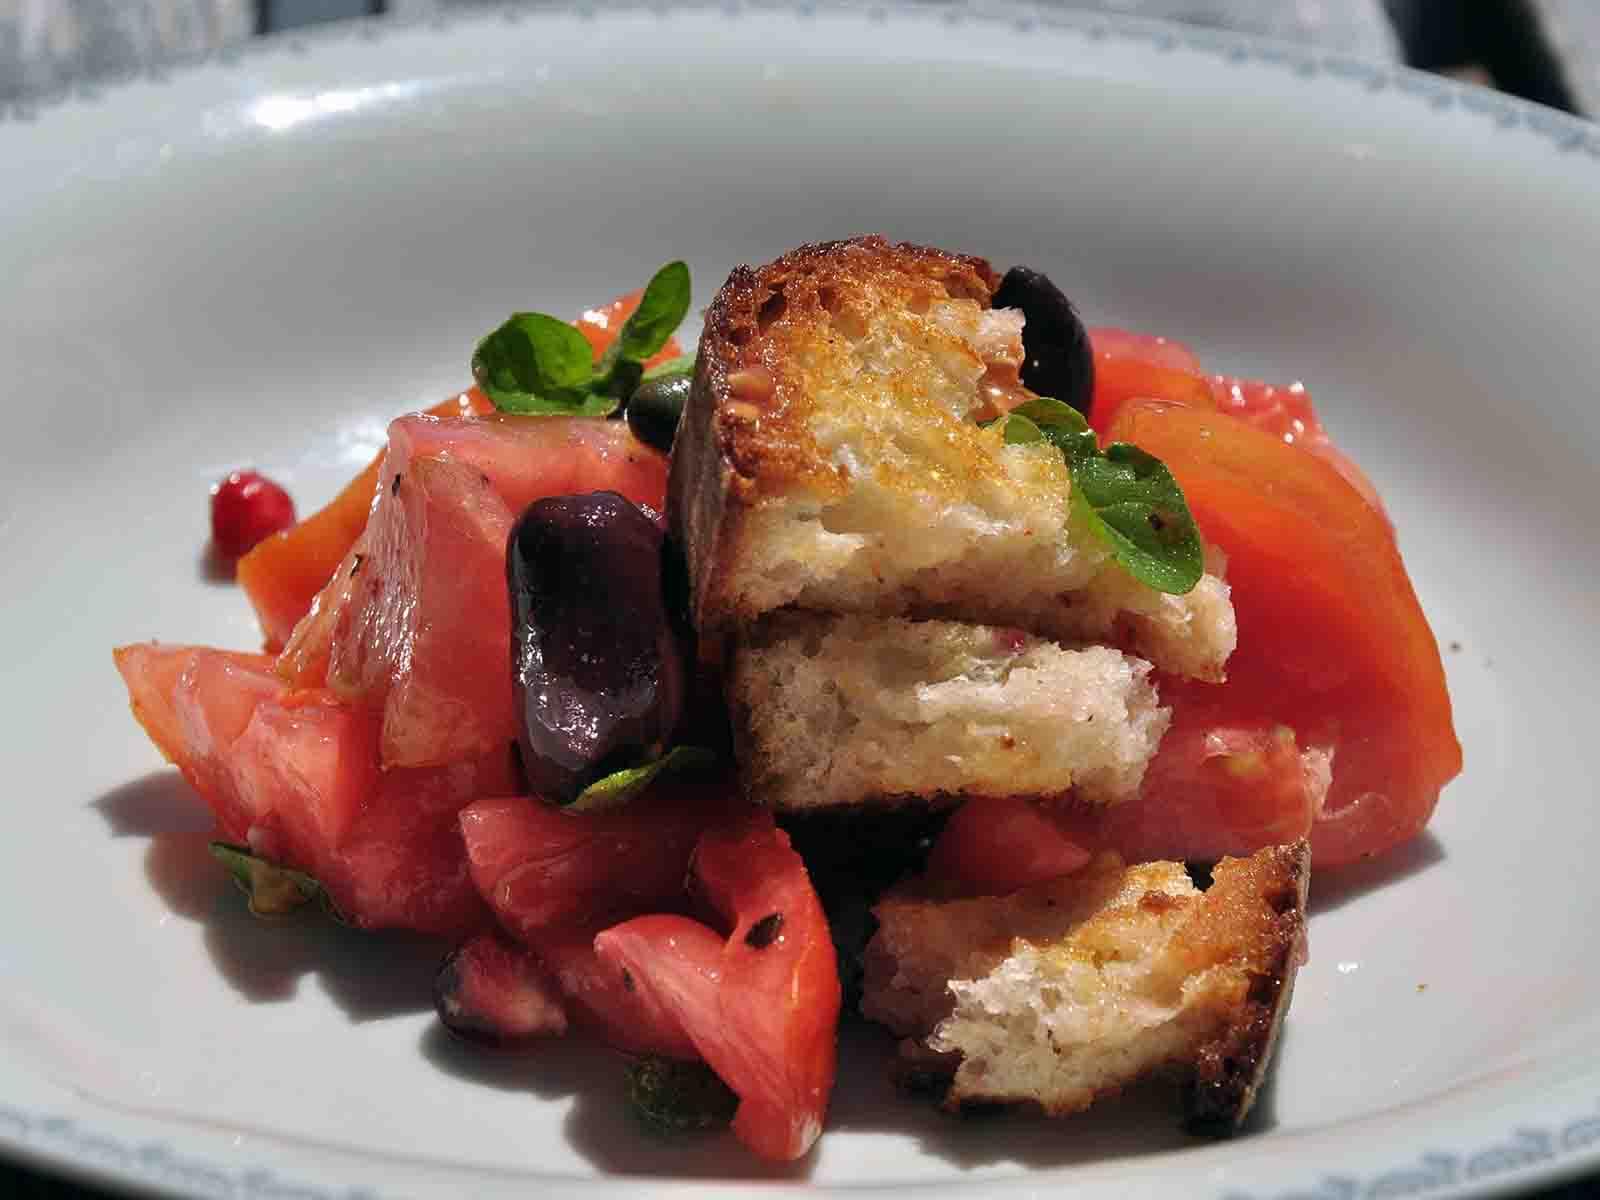 Italienischer Brotsalat nachgekocht.